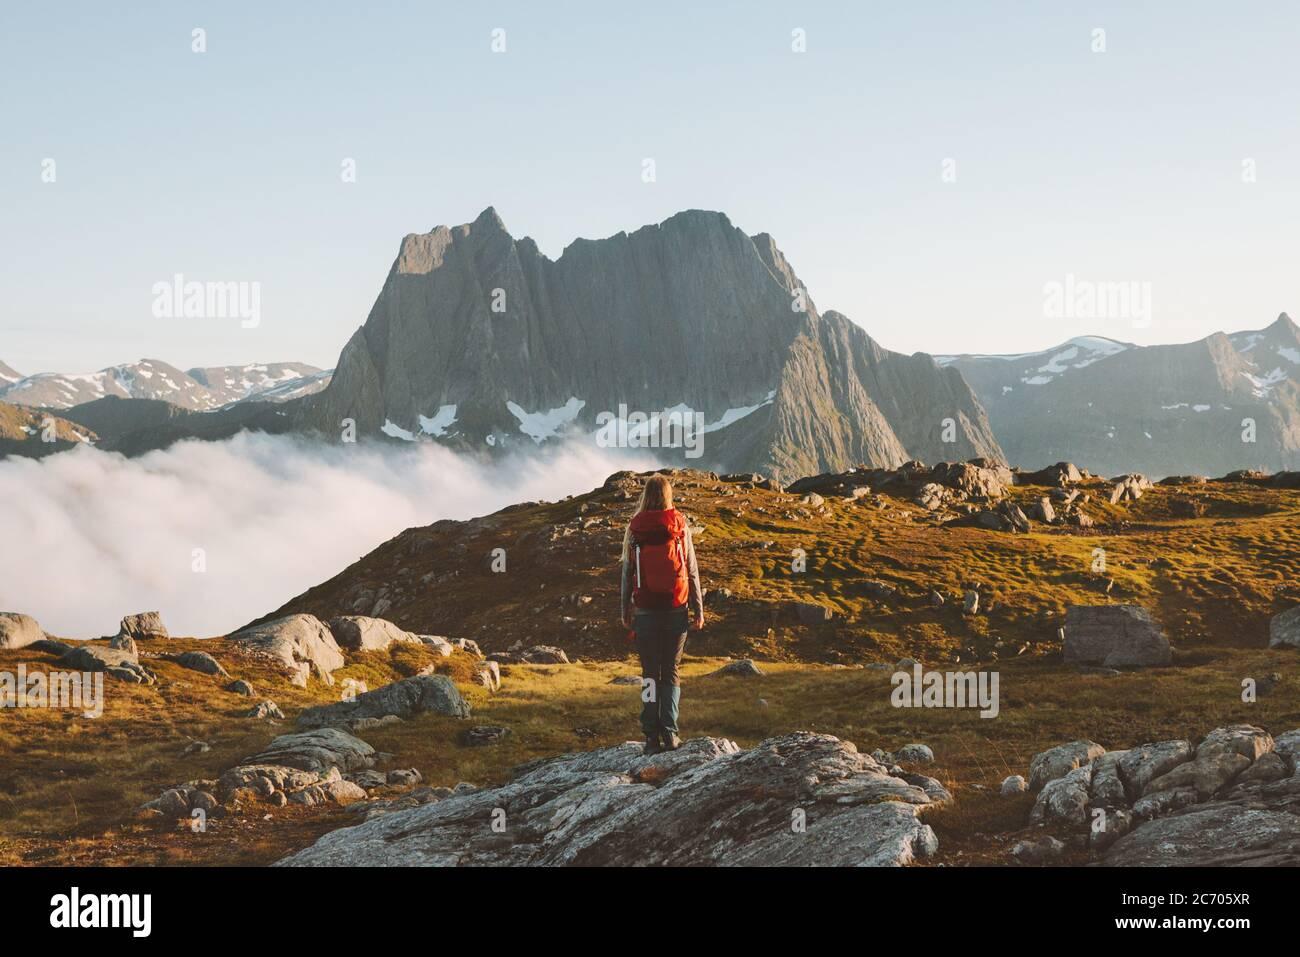 Femme randonnée routard dans les montagnes aventure voyage extrême vacances sain style de vie en plein air écotourisme en Norvège activité d'été Banque D'Images